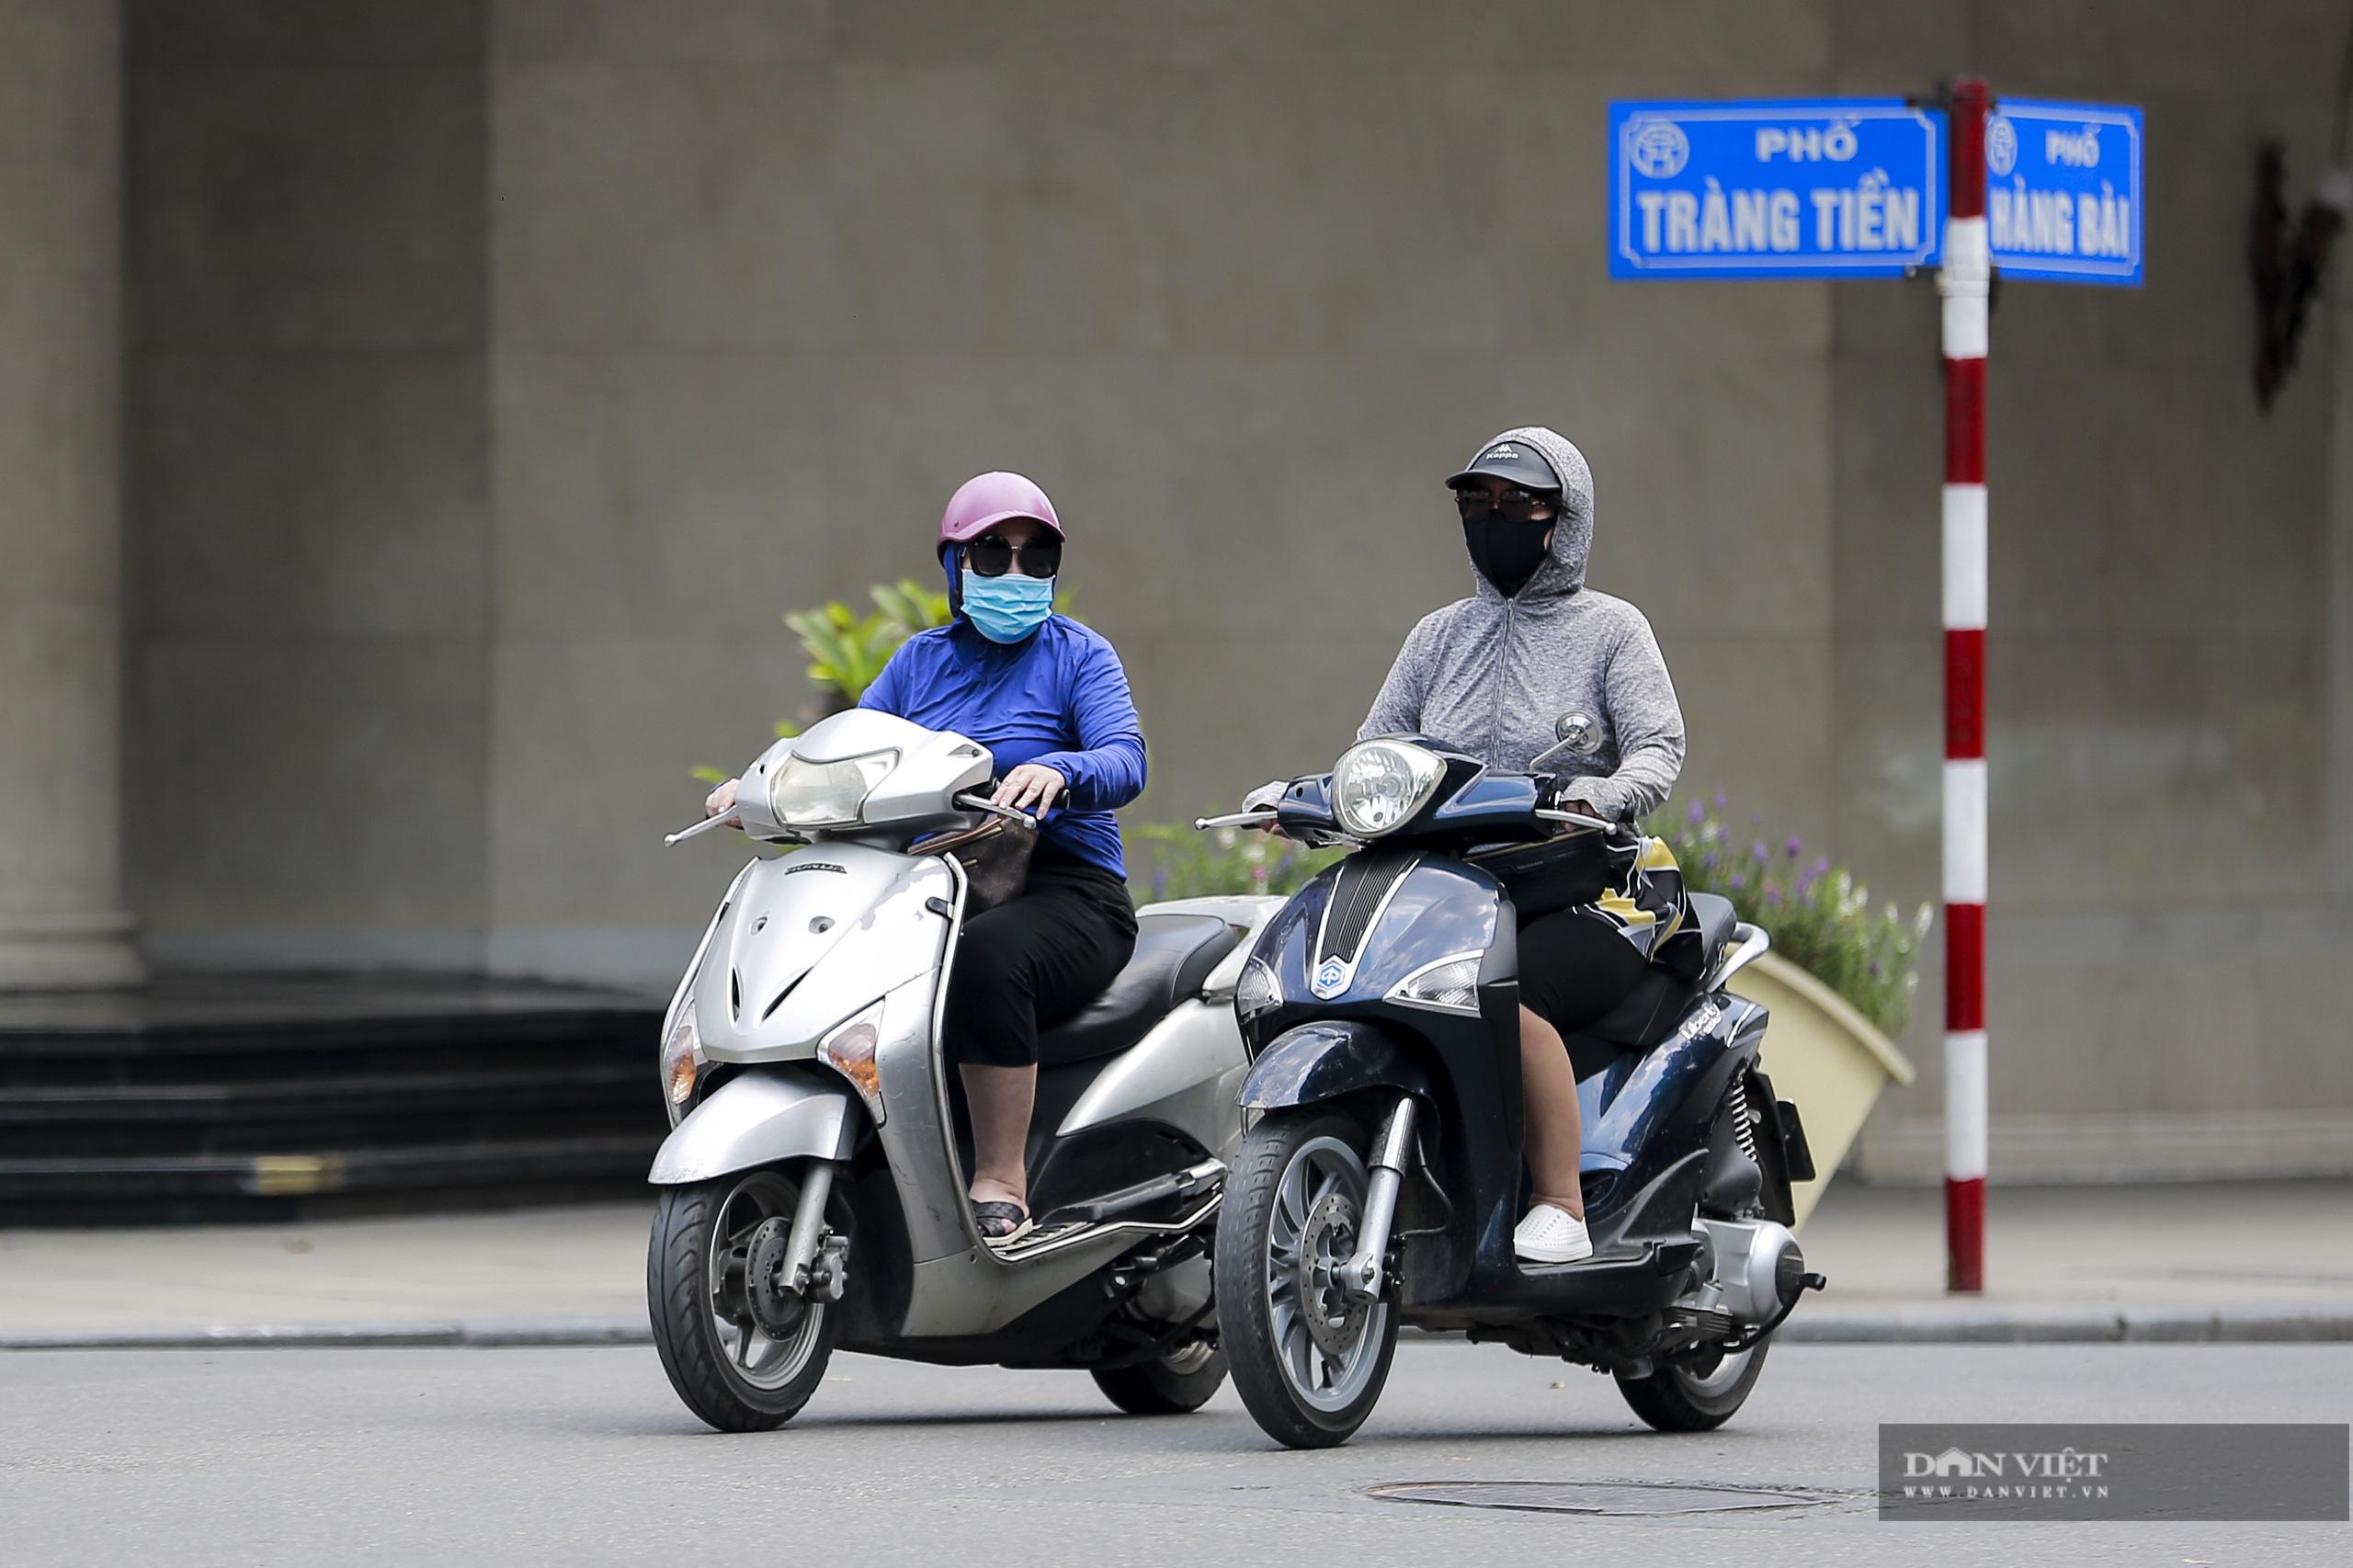 Hà Nội nắng nóng gần 40 độ C, phụ nữ lái ô tô với trang phục kín mít - Ảnh 5.